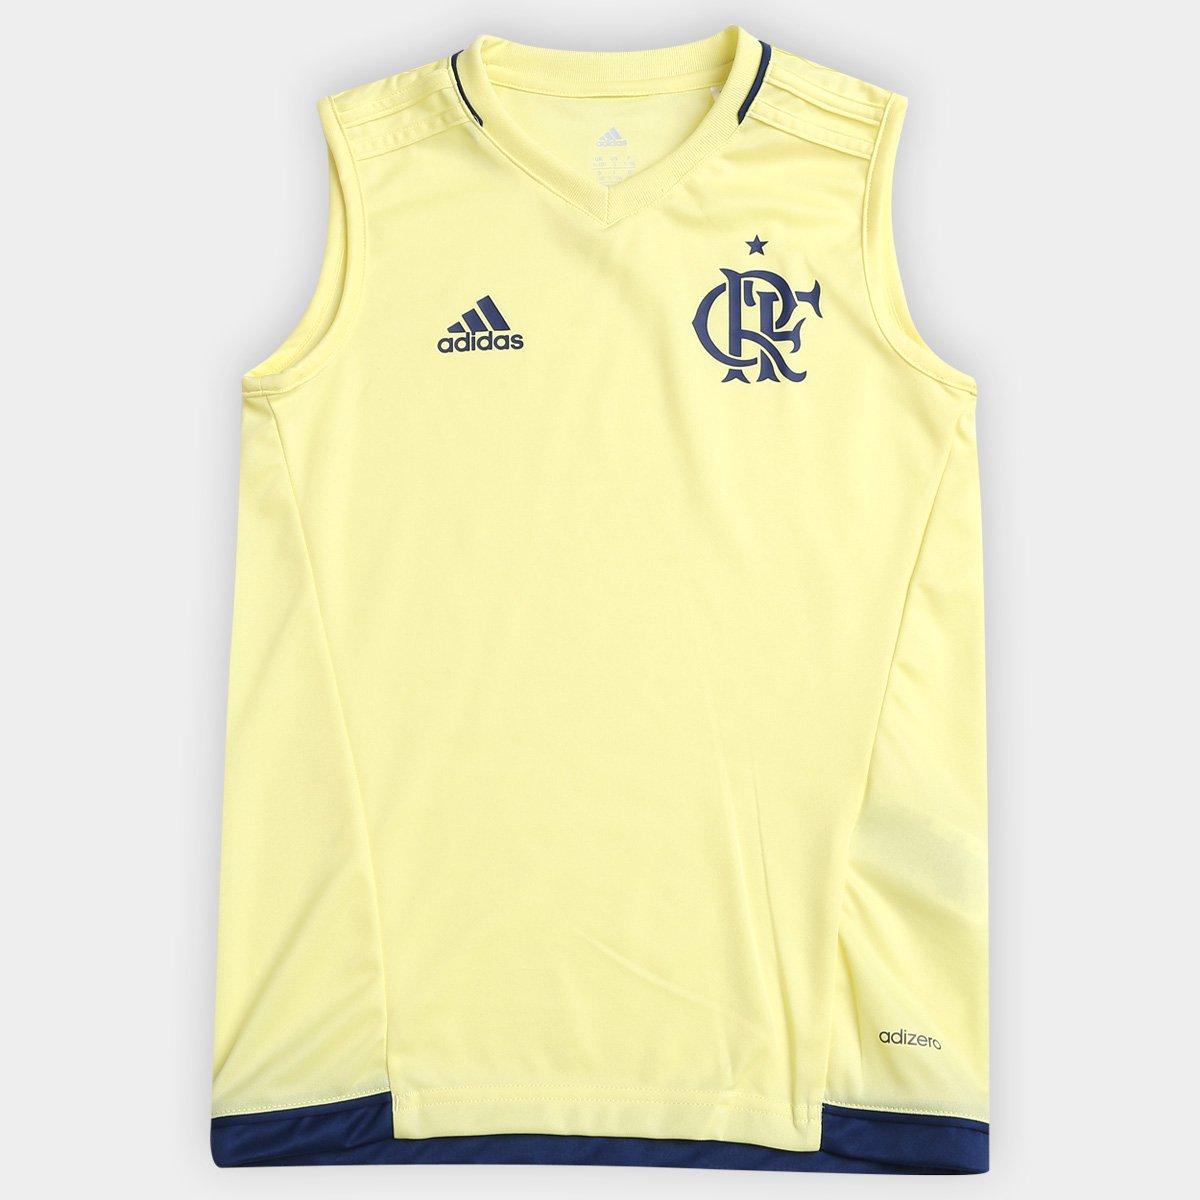 Camisa Regata Flamengo Infantil Treino Adidas - Compre Agora  3cebfa8dfd211